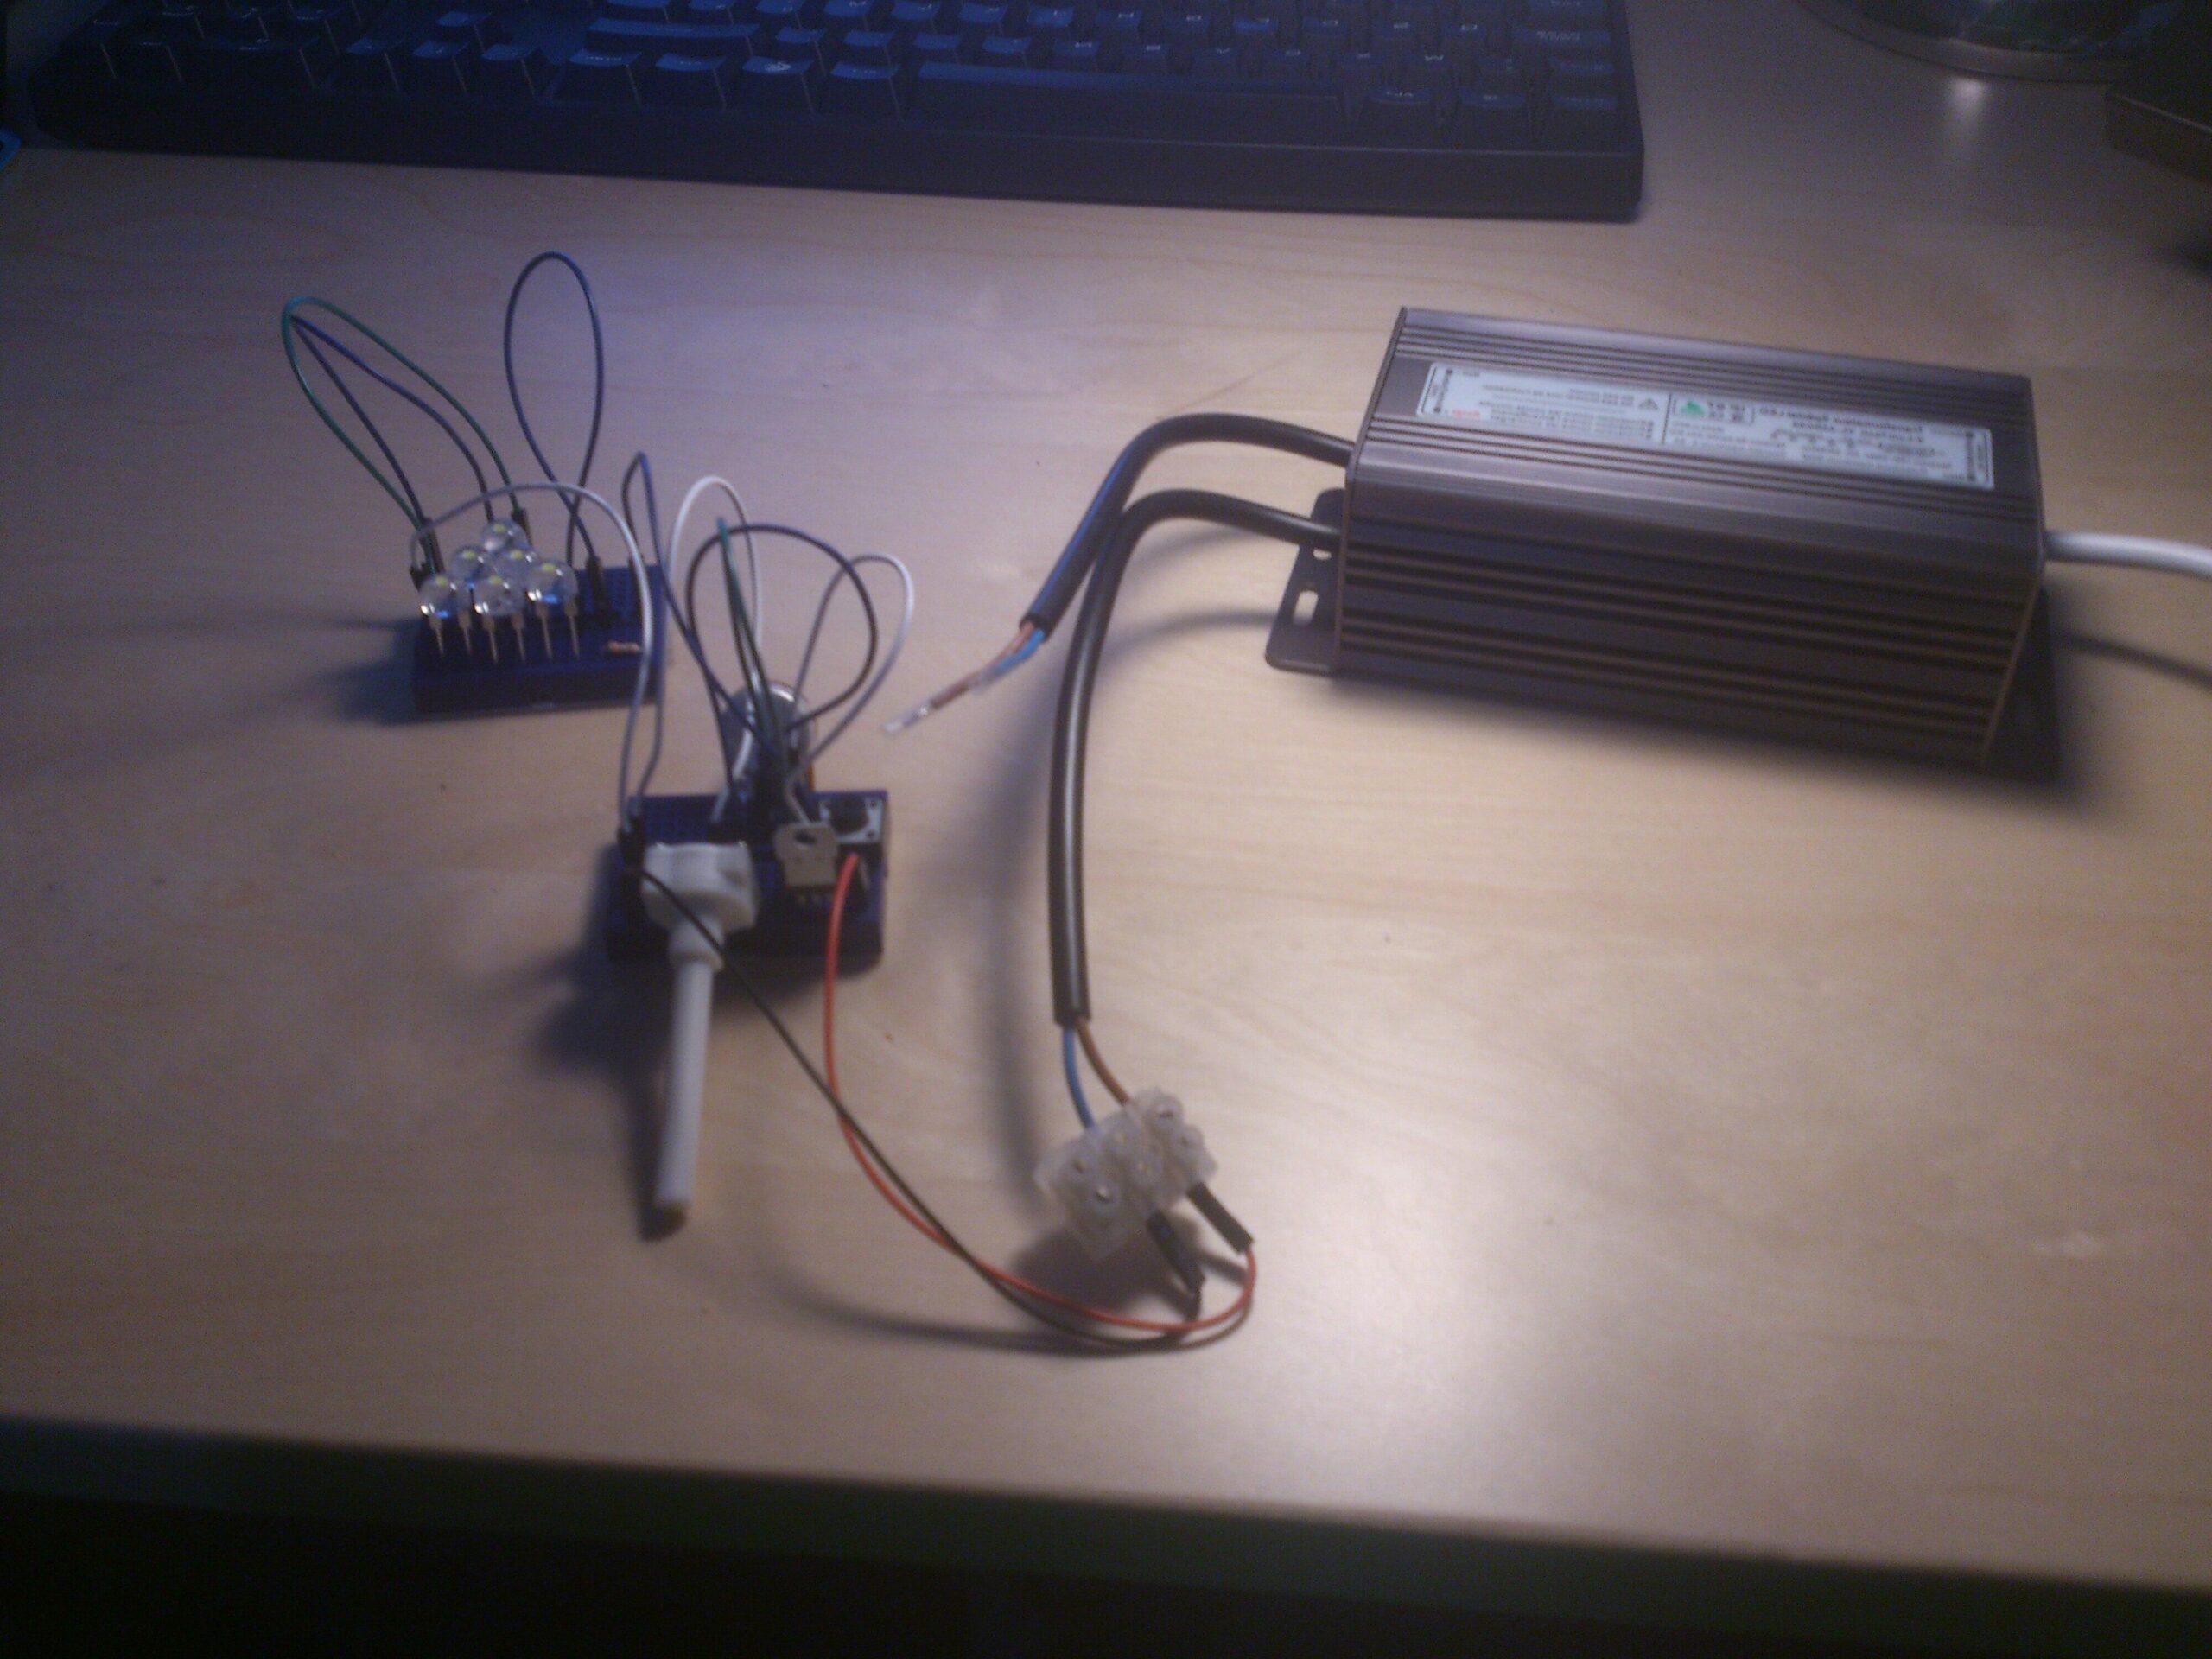 Comment atténuer la luminosité d'une ampoule LED ?